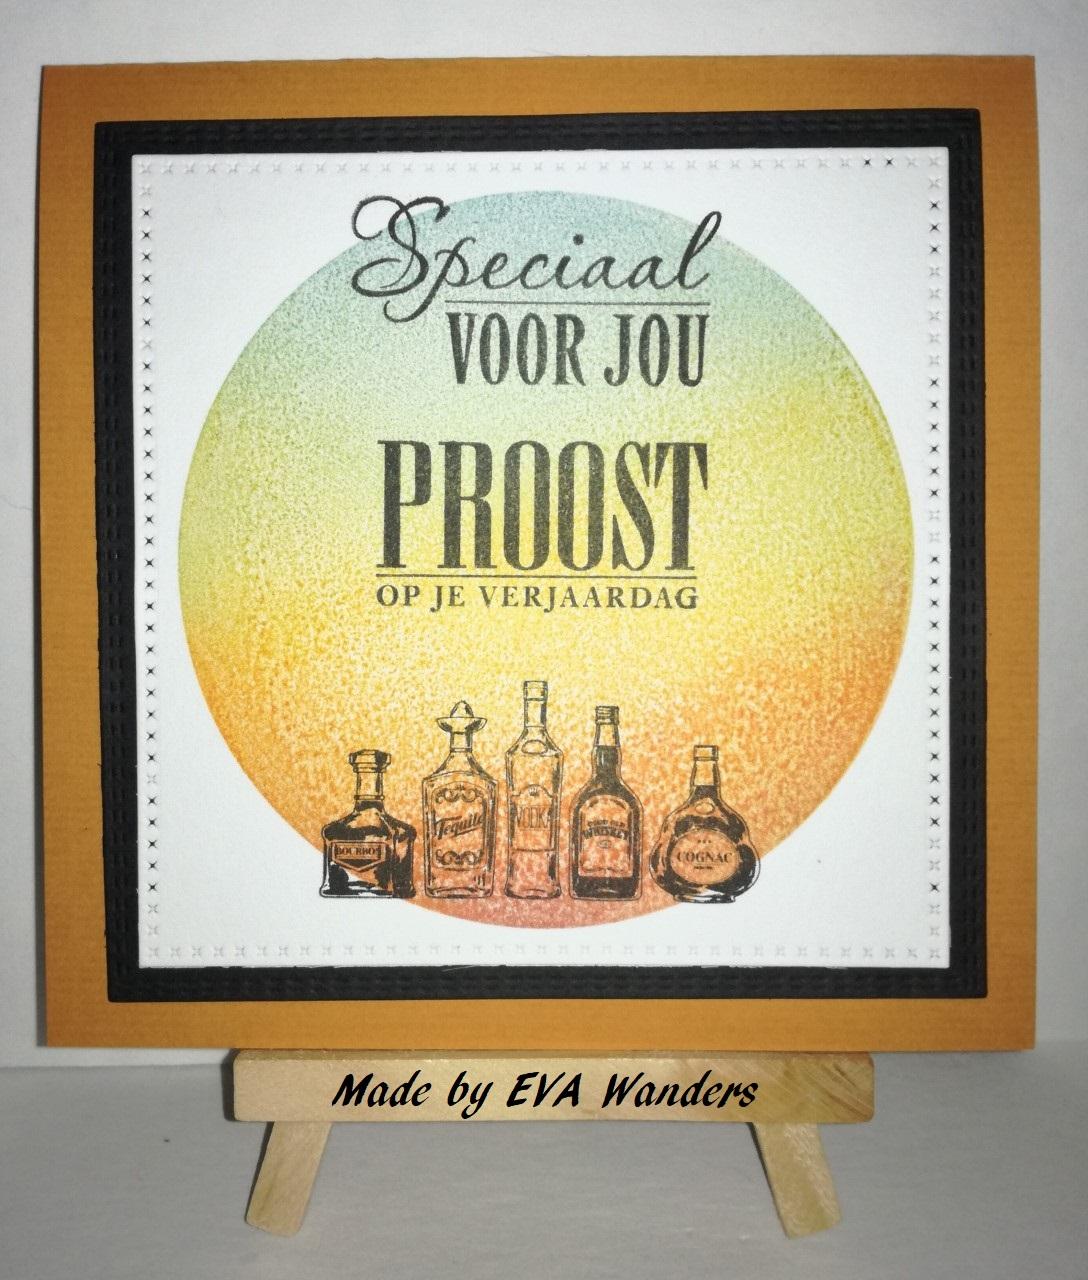 Eva S Stampsart Proost Op Je Verjaardag